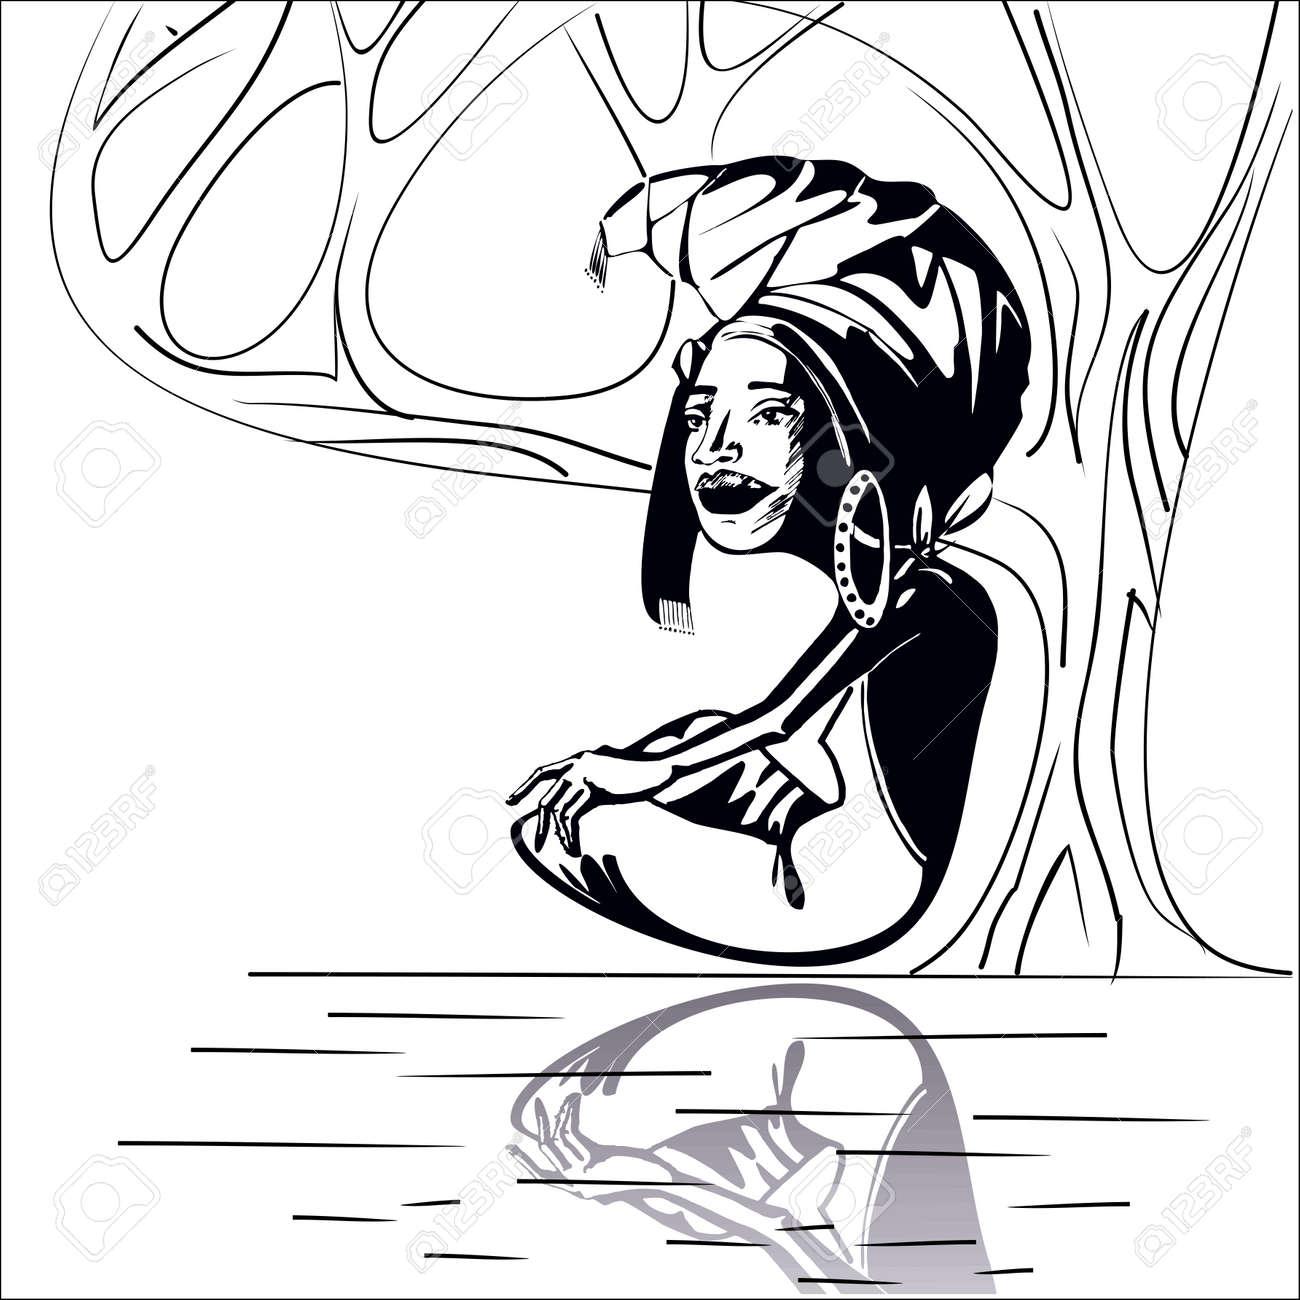 dca5049a0 Foto de archivo - Imagen estilizada de una mujer africana adulto que se  sienta debajo de un árbol cerca del río. de color blanco y negro.